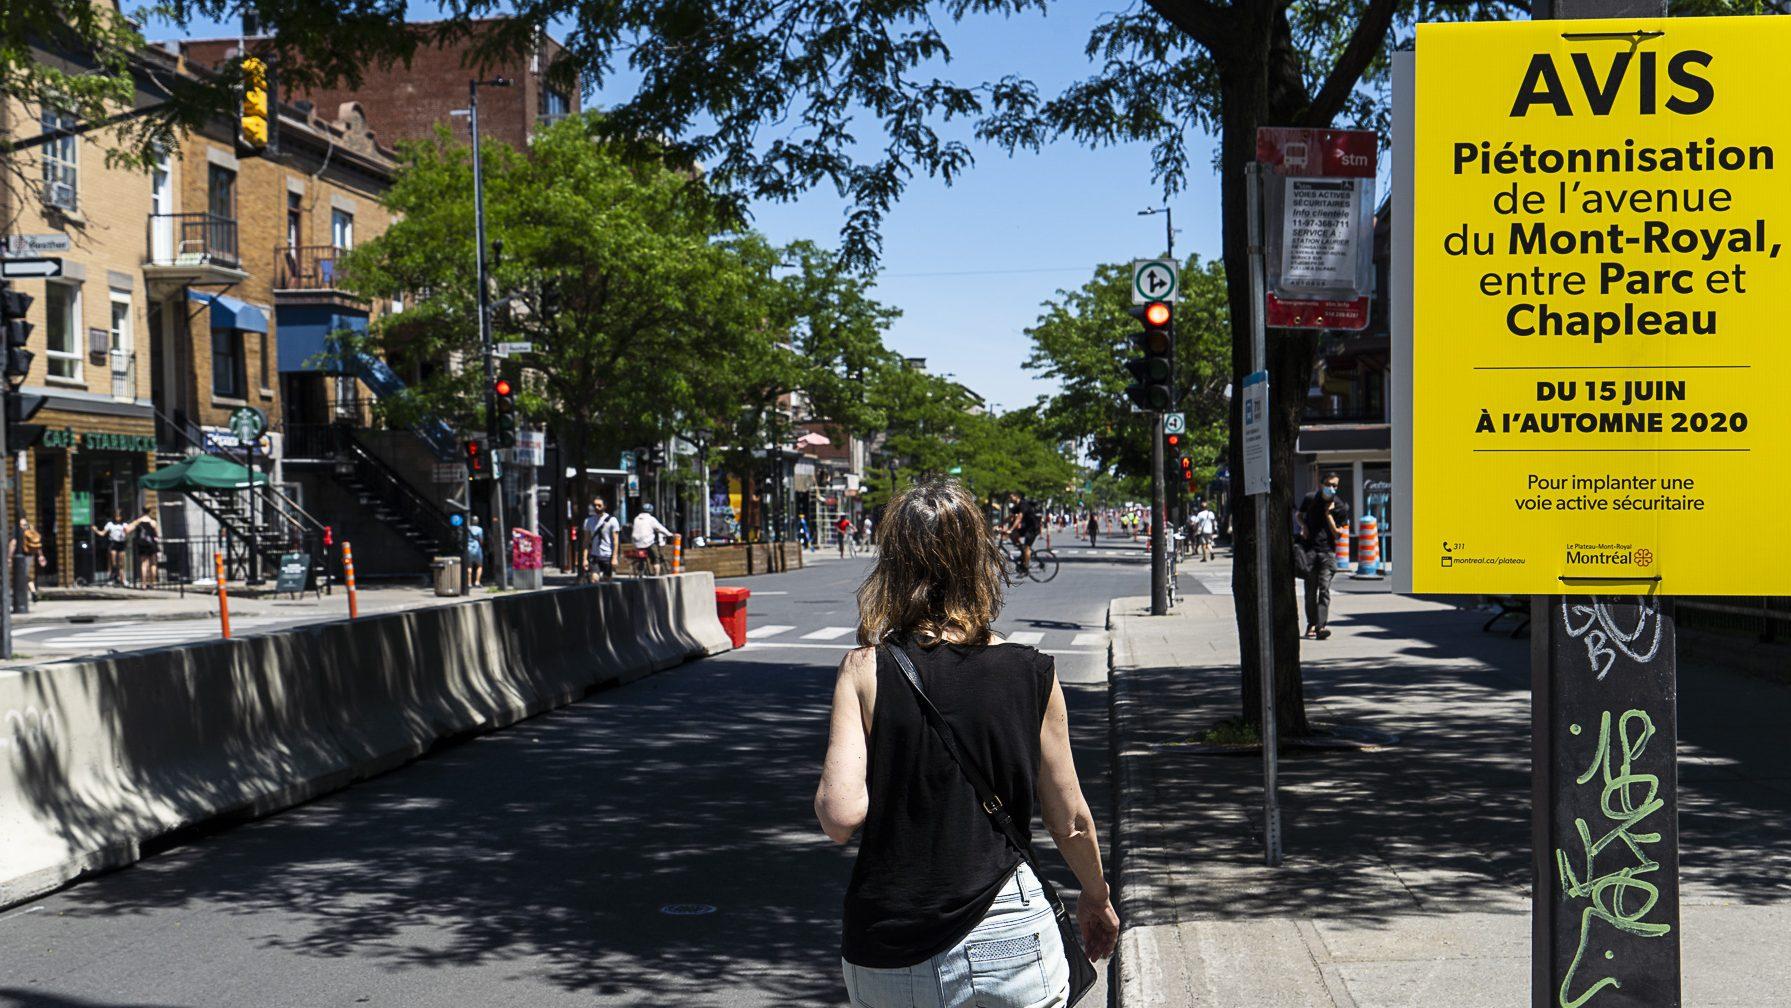 Piétonnisation de l'avenue du Mont-Royal